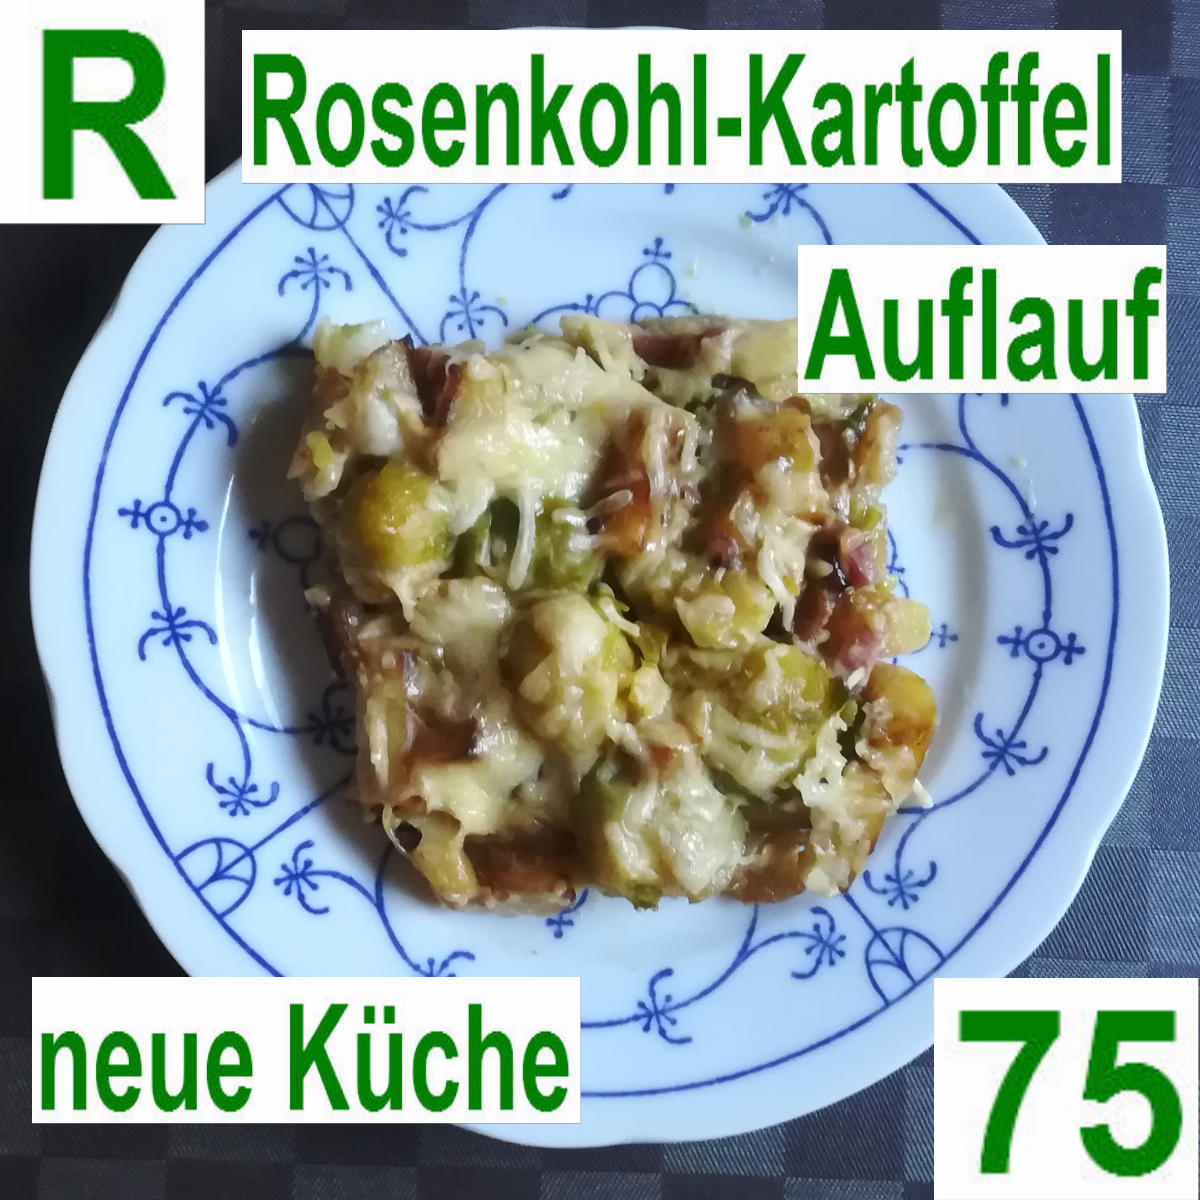 Rosenkohl Kartoffel Auflauf | vonMich